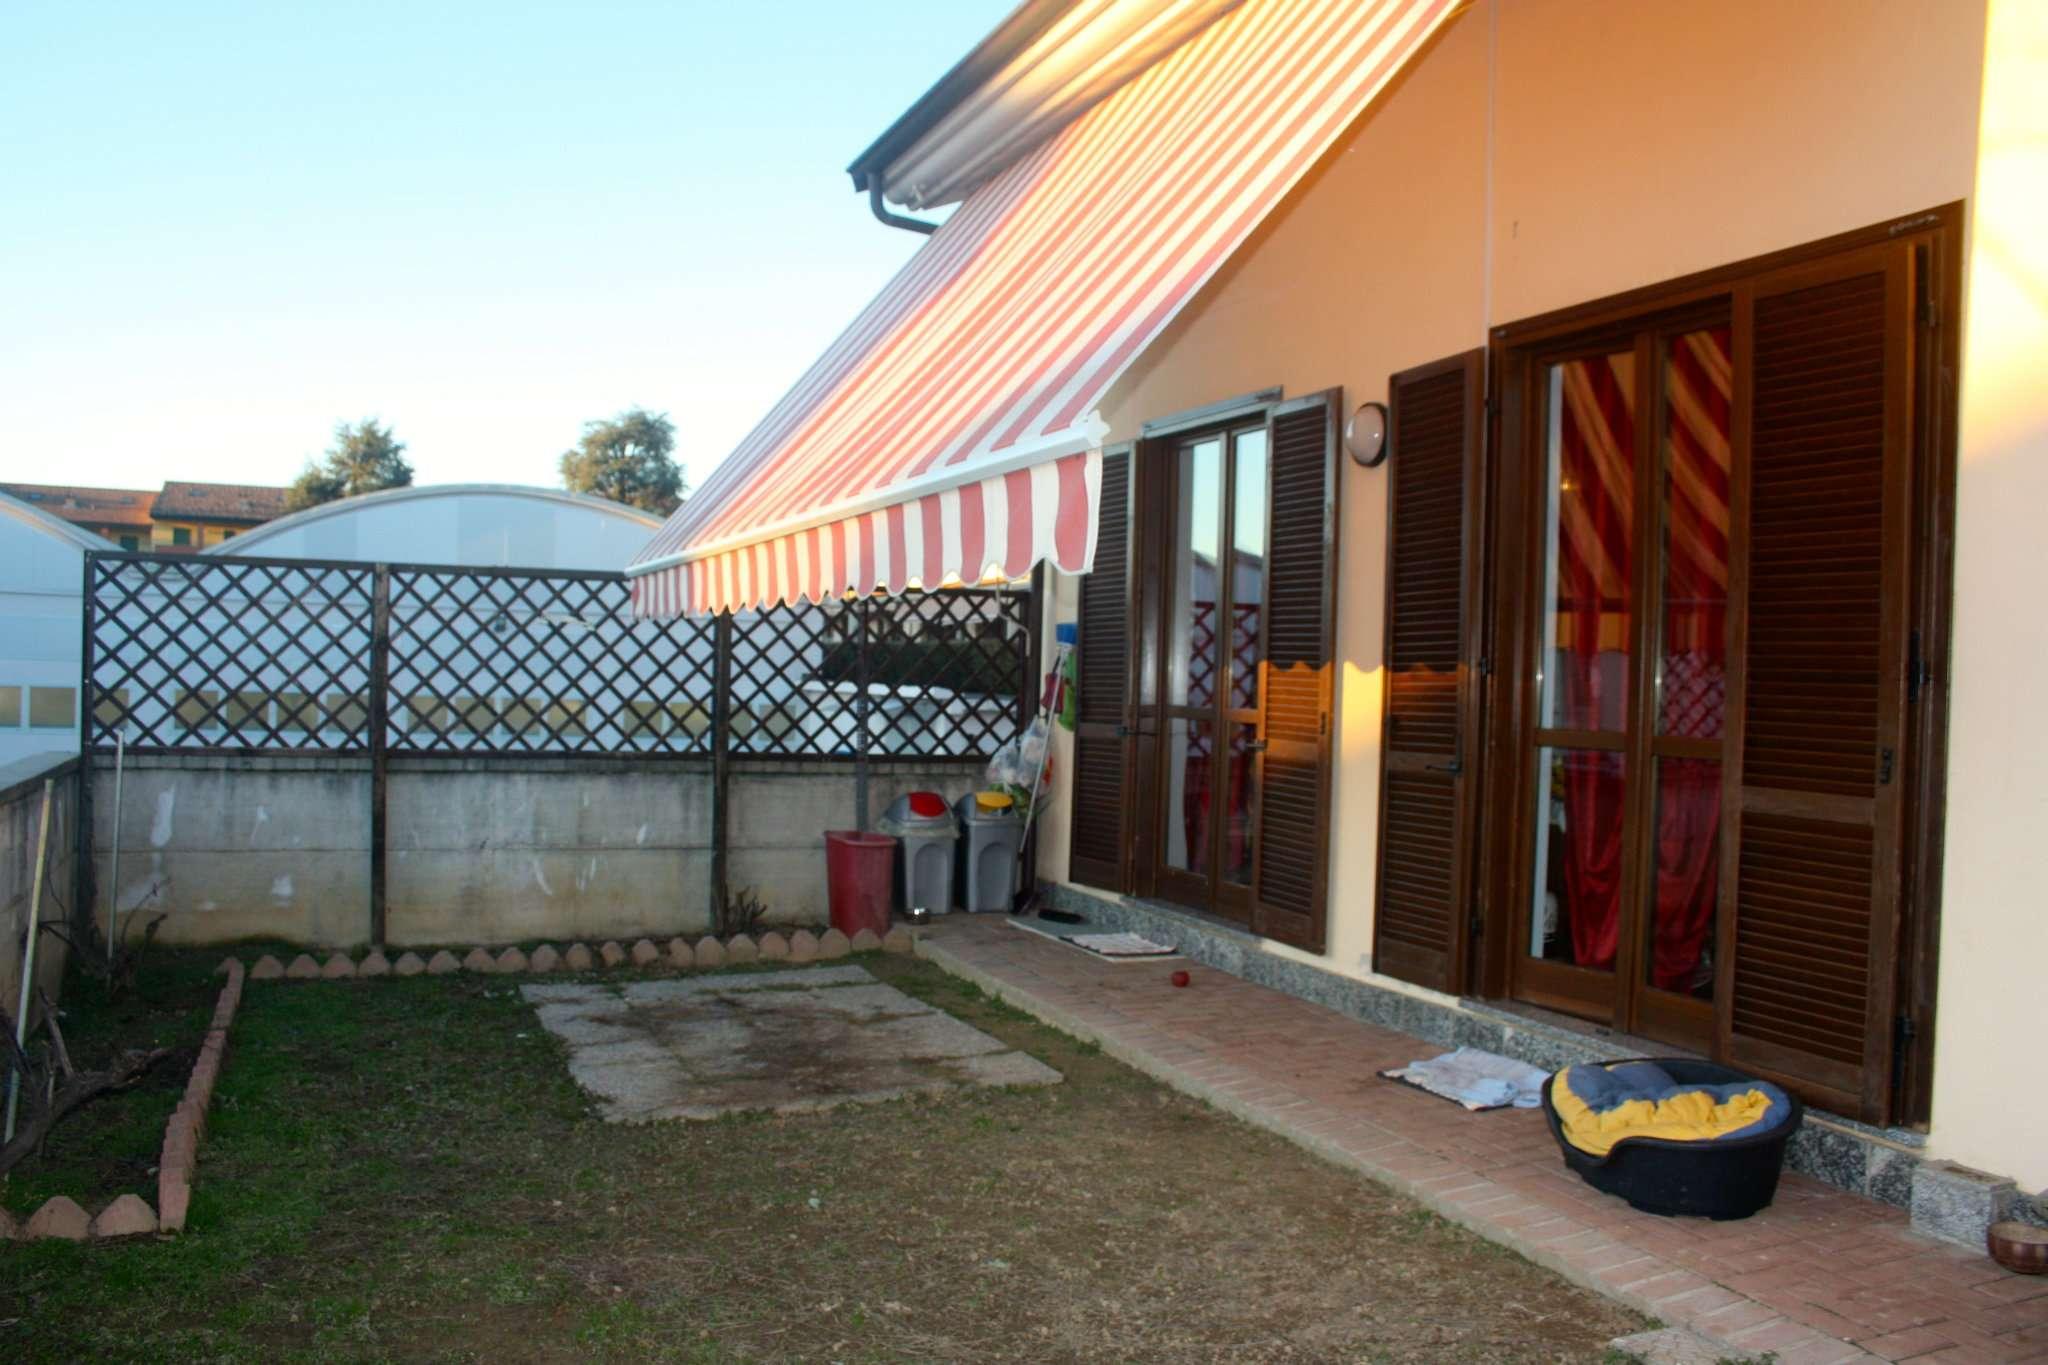 Villa in vendita a Bra, 5 locali, prezzo € 235.000 | Cambio Casa.it